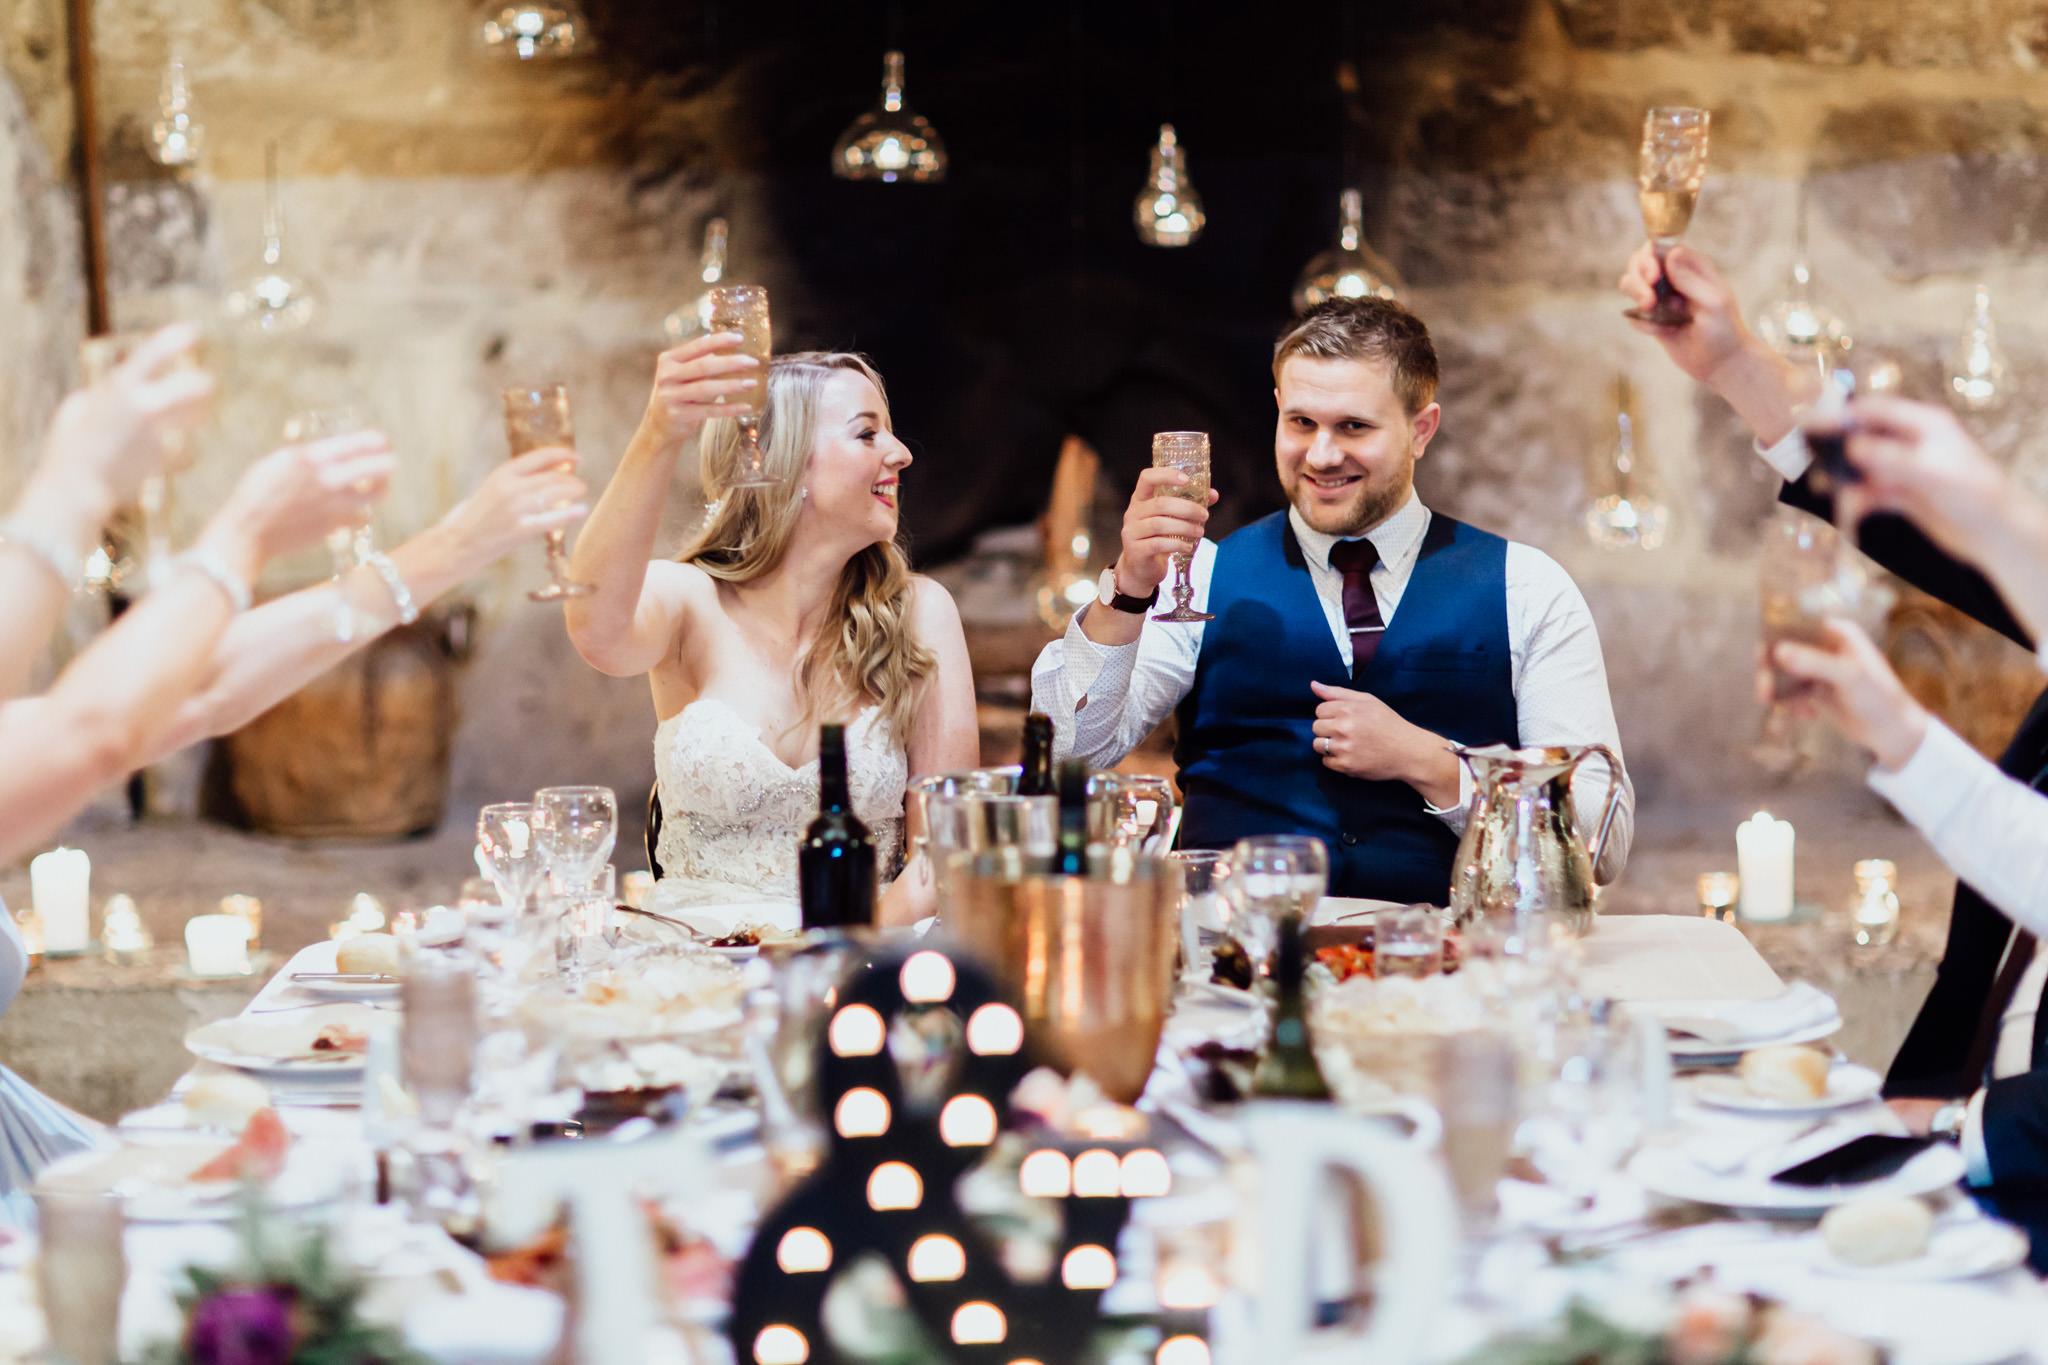 WeddingPhotos_Facebook_2048pixels-1121.jpg